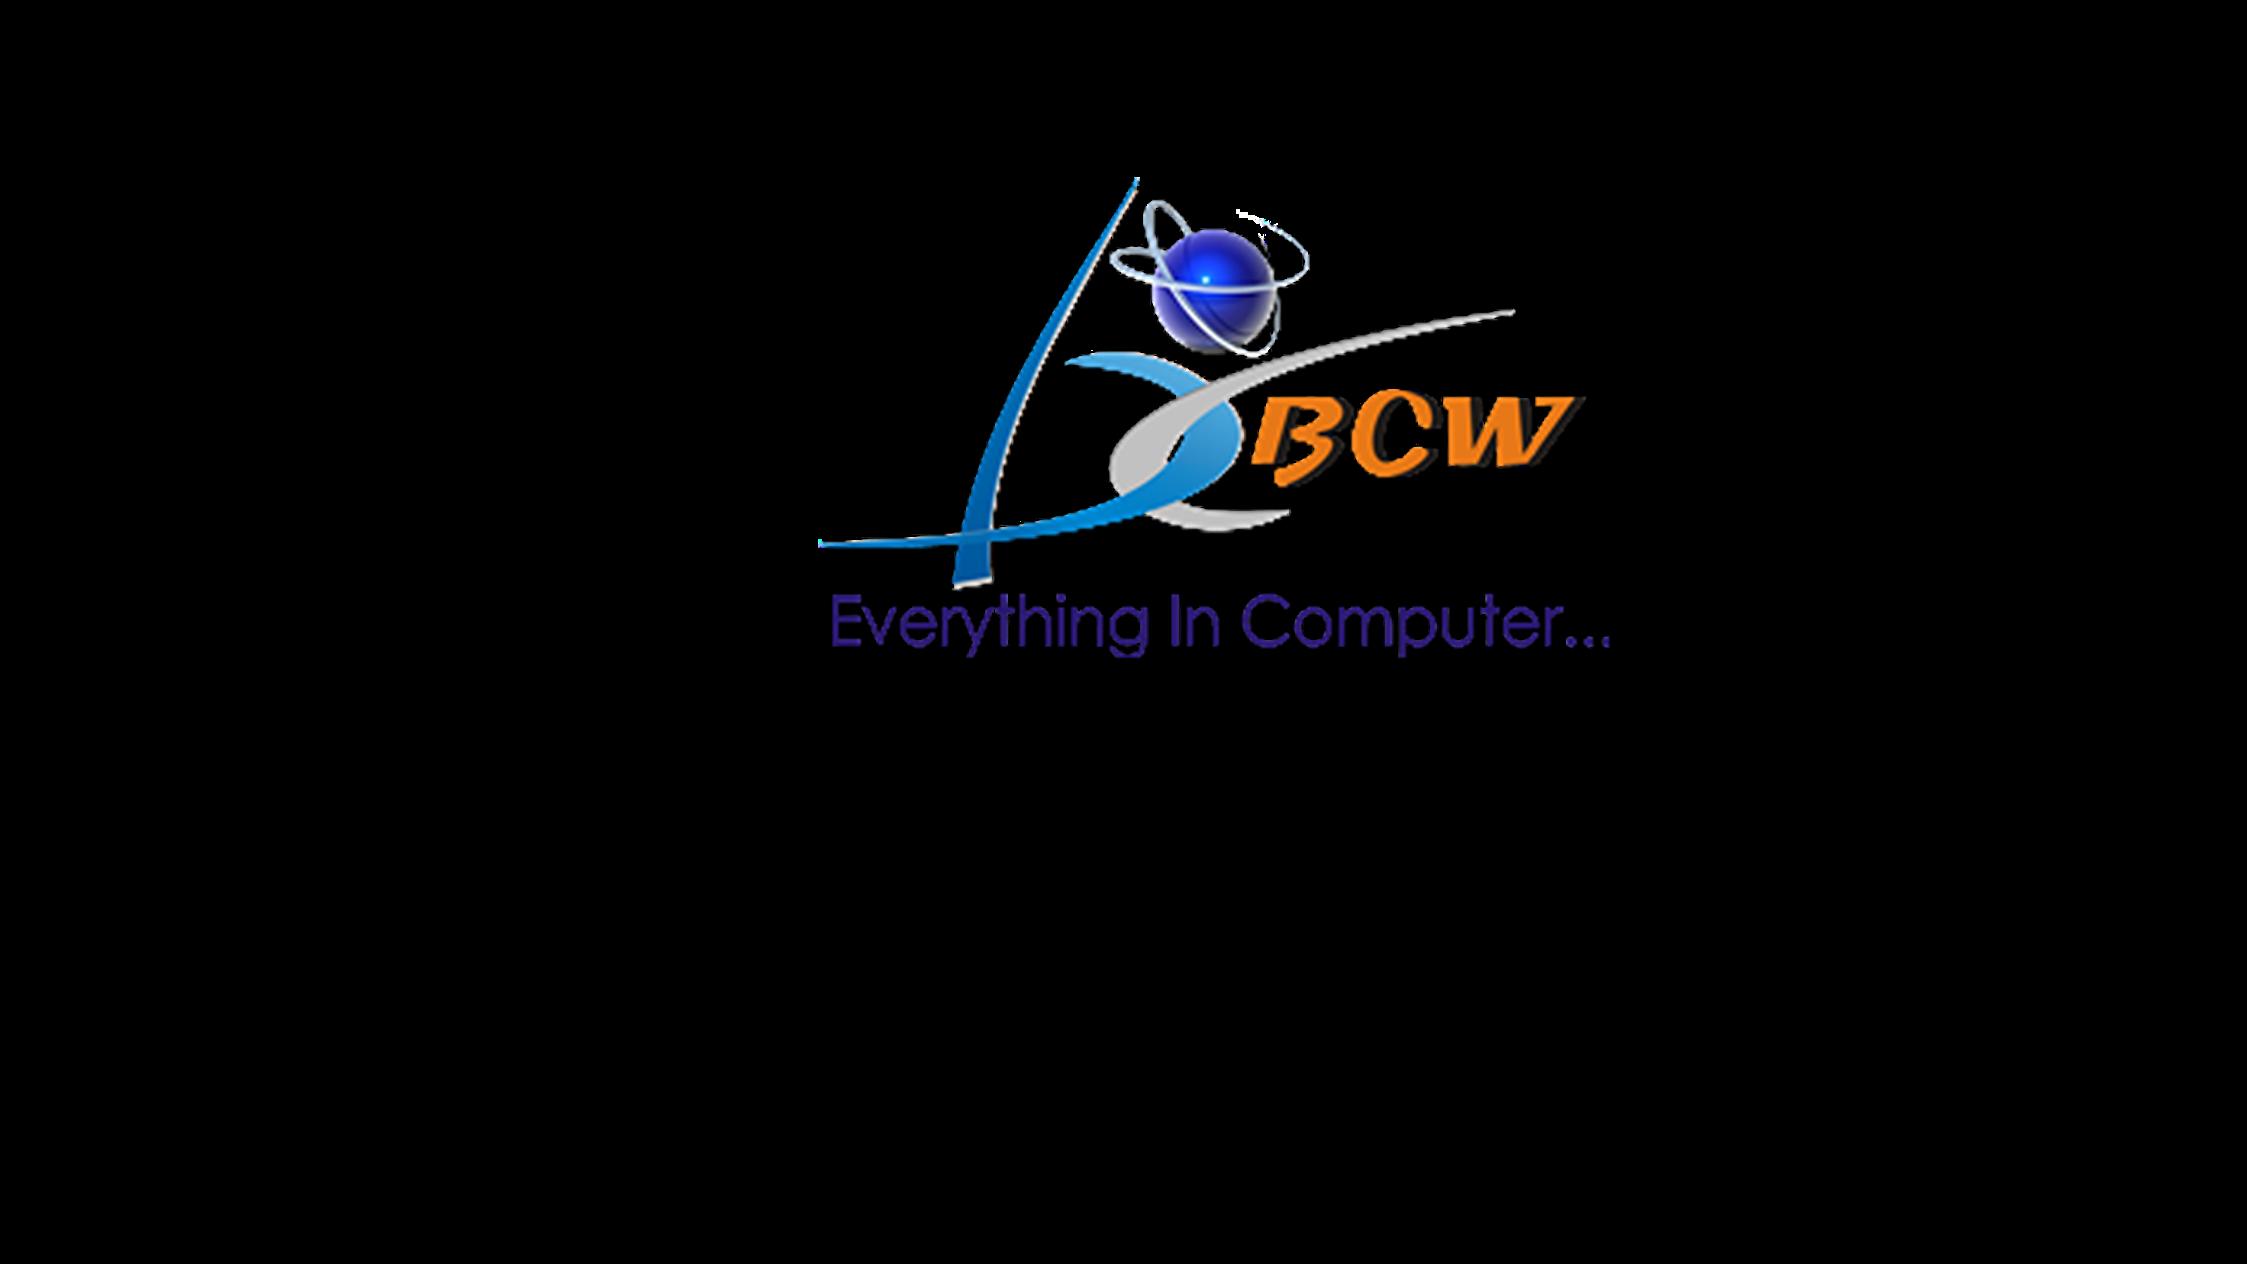 Bharati Computer World